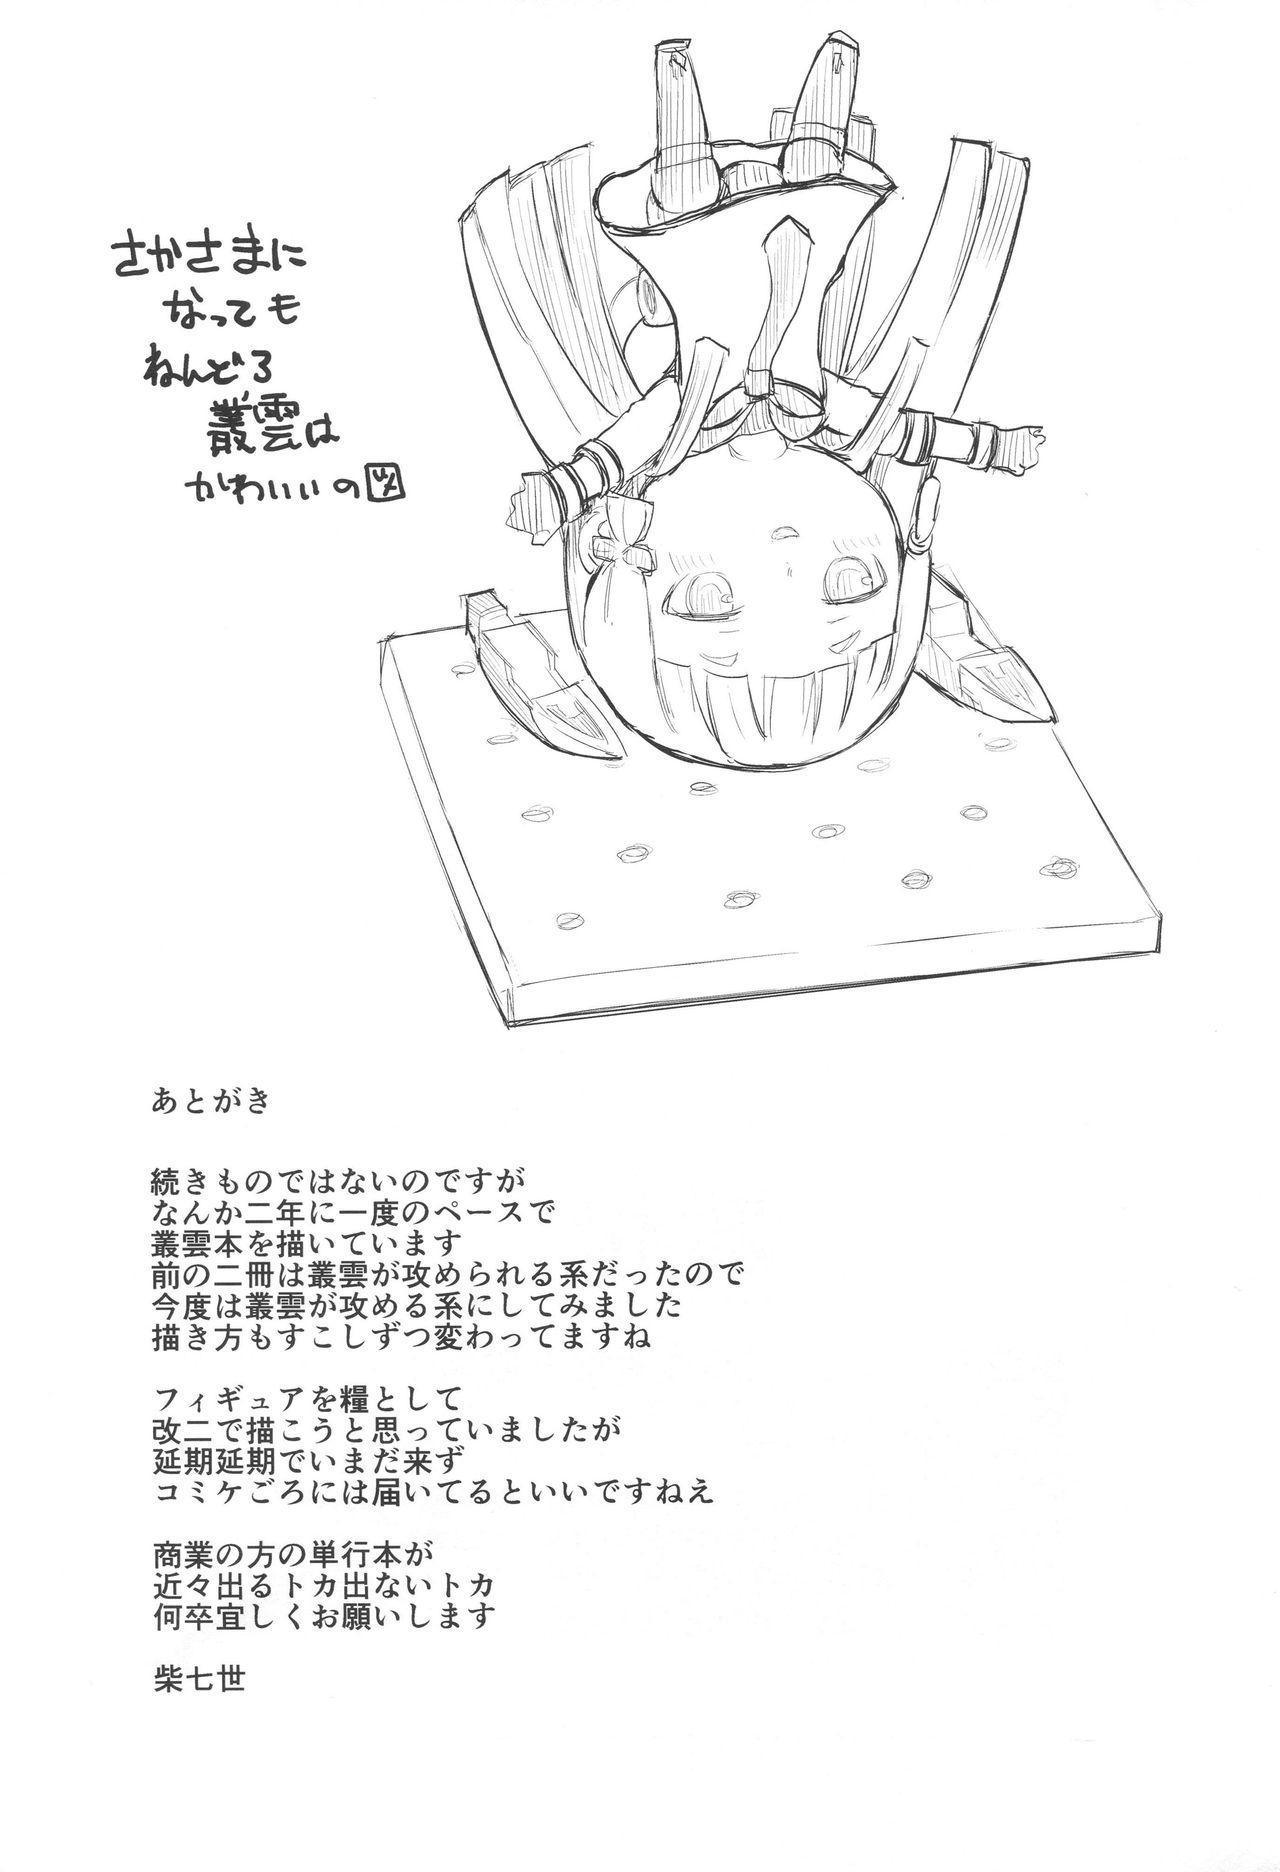 Chotto S na Murakumo to Kekkyoku Ichatsuku Hon 23